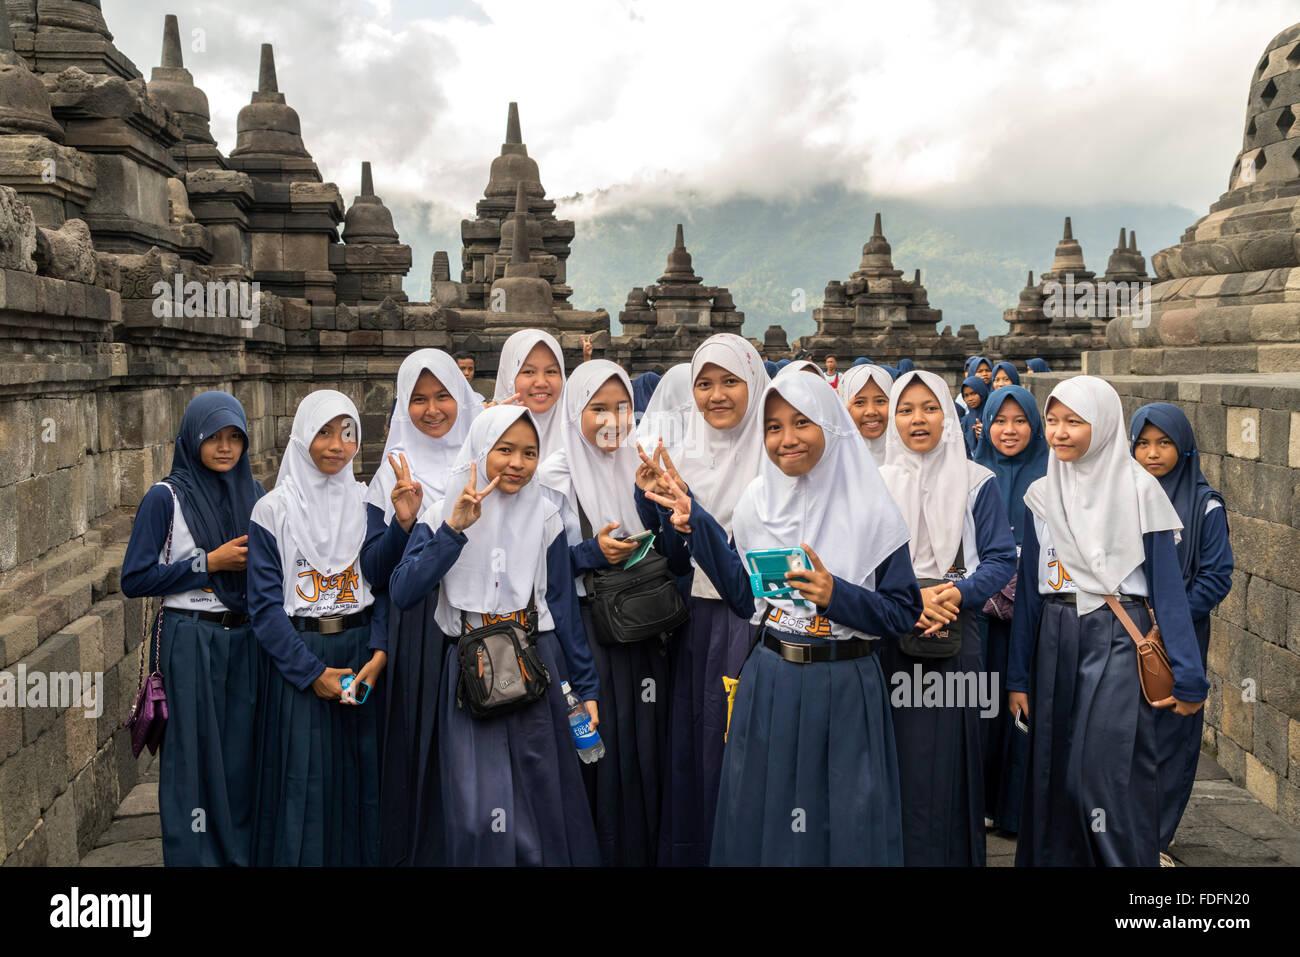 Alumna musulmana en uniforme con velo, el complejo del templo Budista Borobudur, Yogyakarta, Java, Indonesia, Asia Imagen De Stock